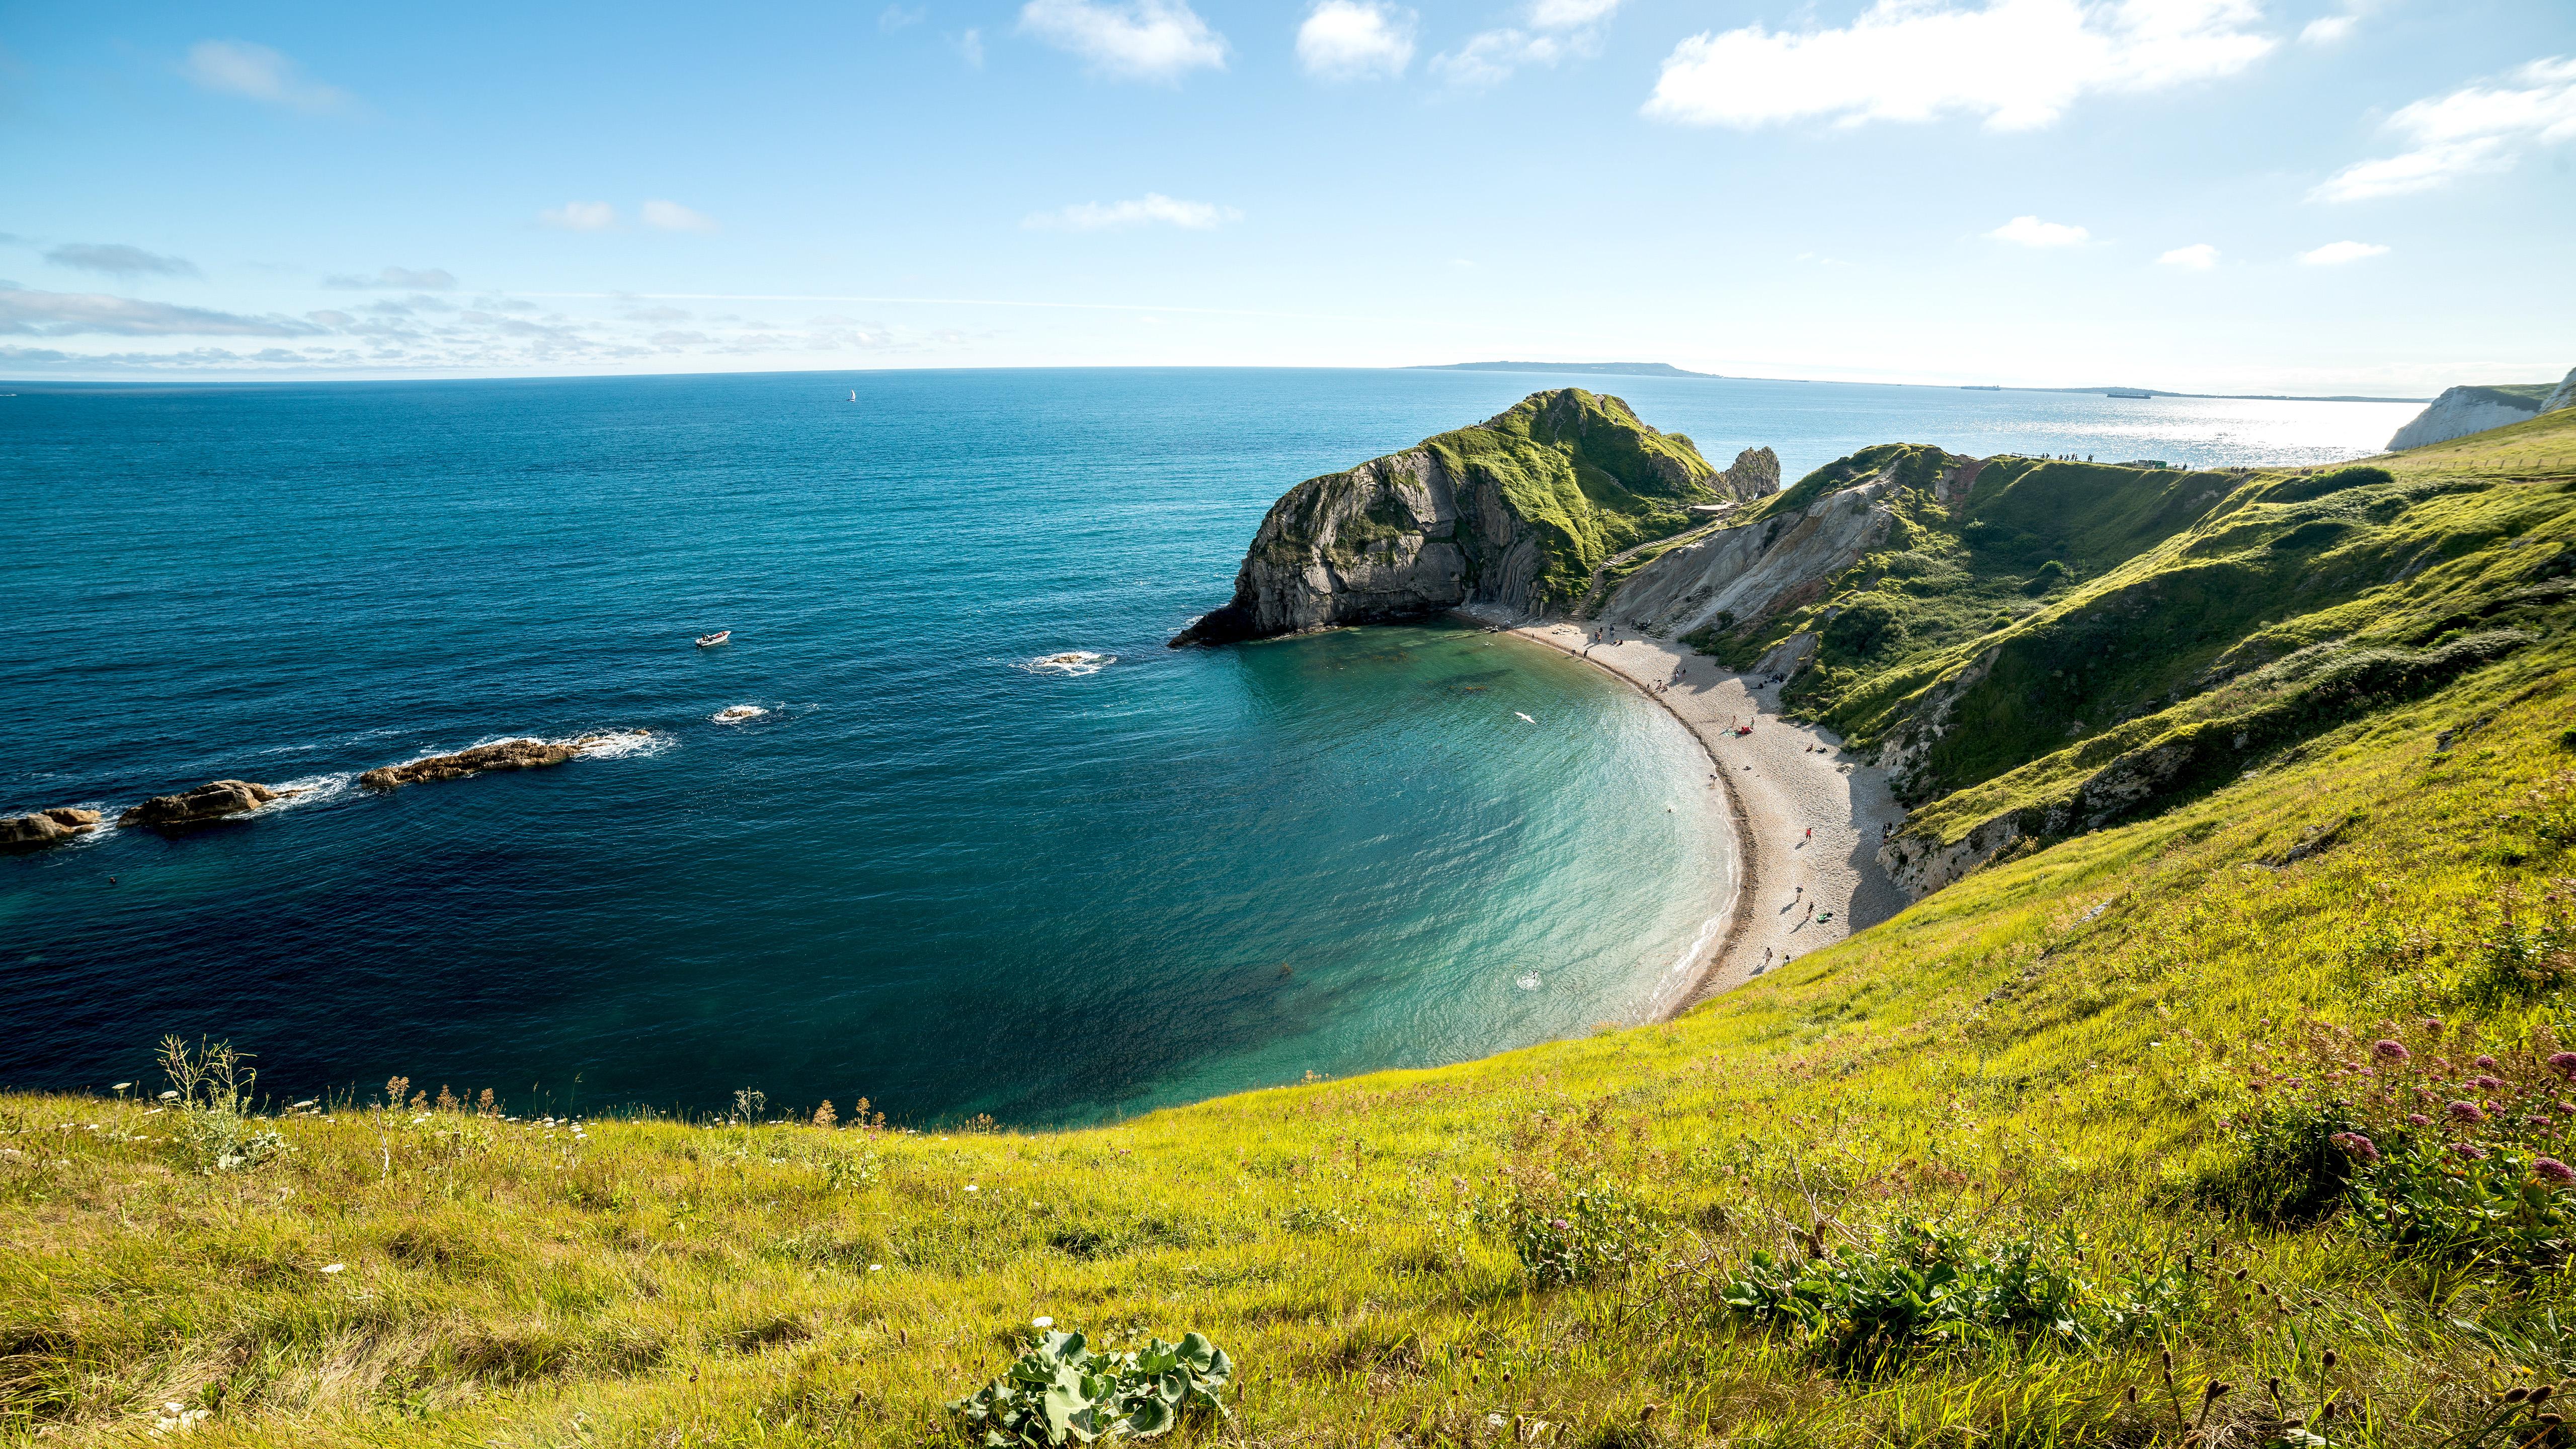 Beach Cliff Coastline Durdle Door Horizon Sea Sky 5120x2880